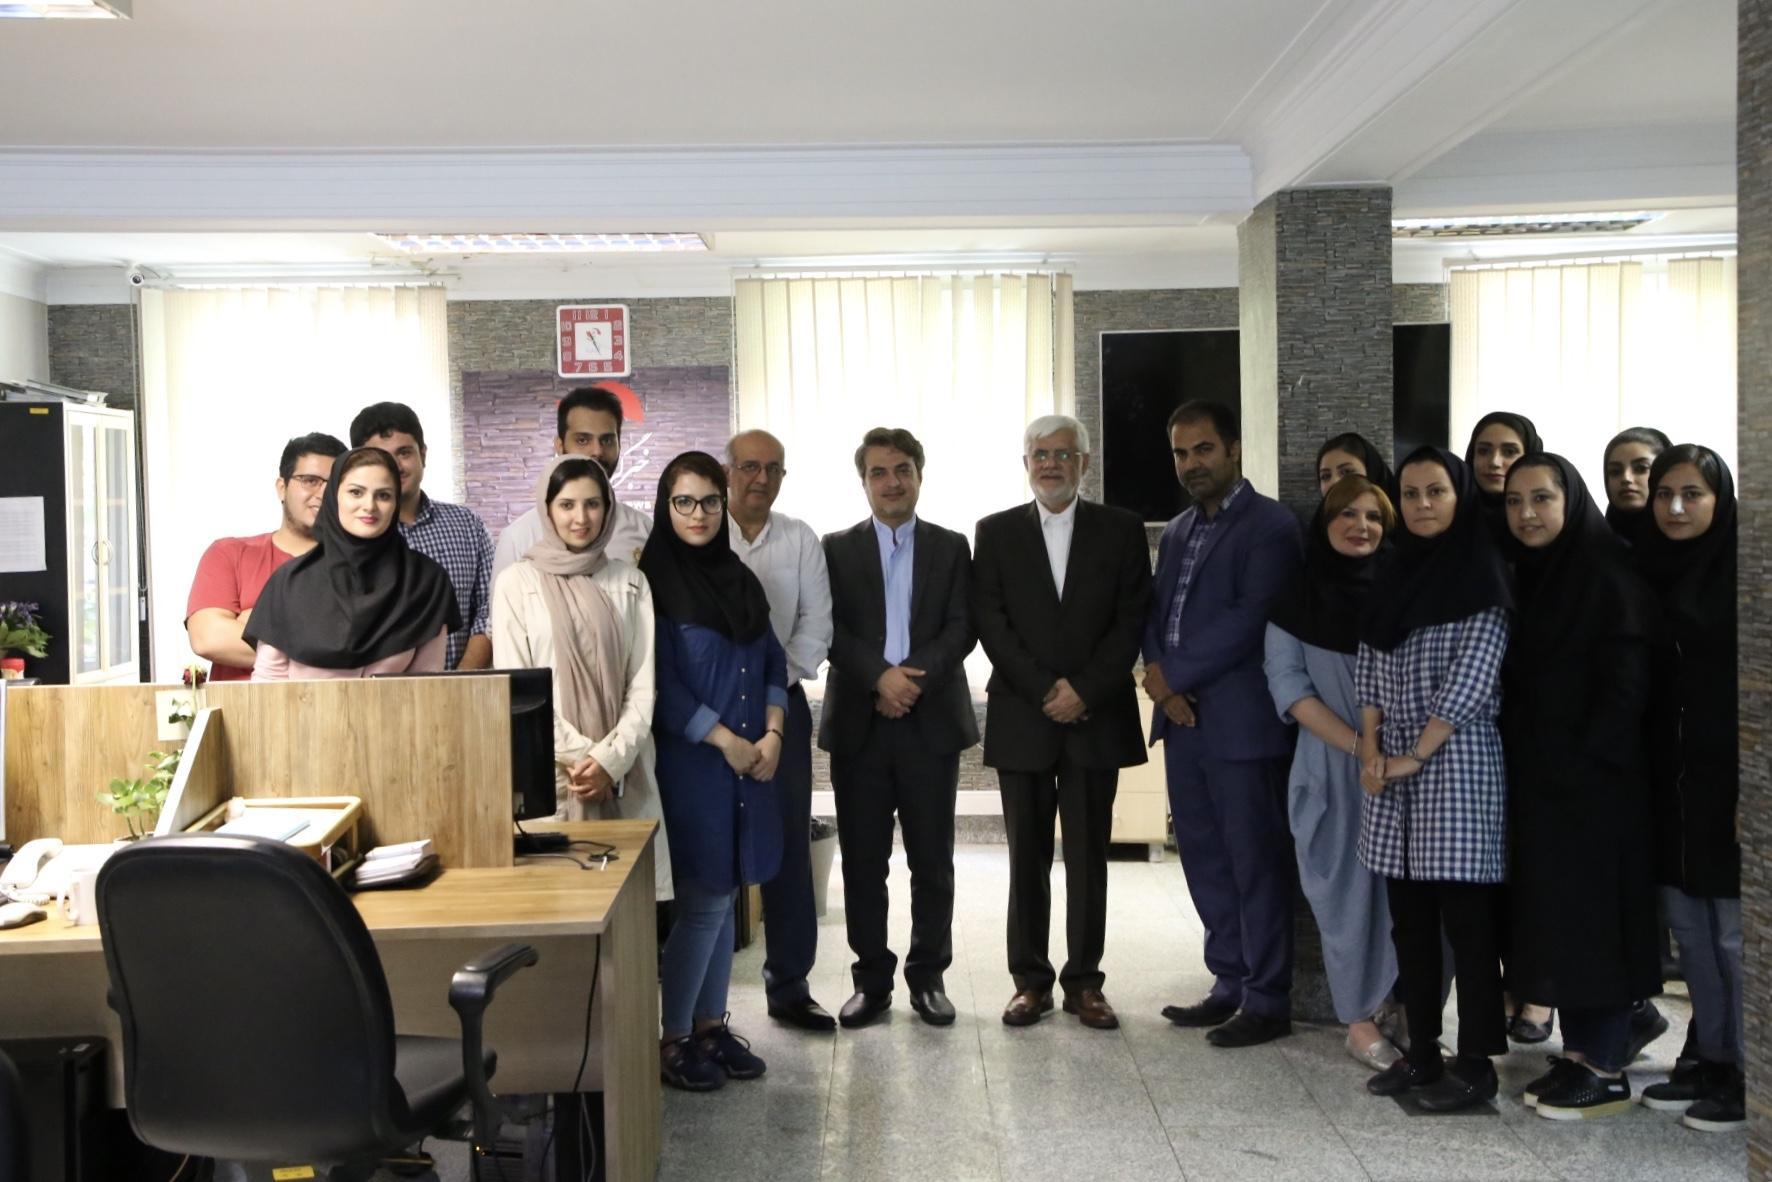 بازدید محمدرضا عارف از رسانه ها در روز خبرنگار